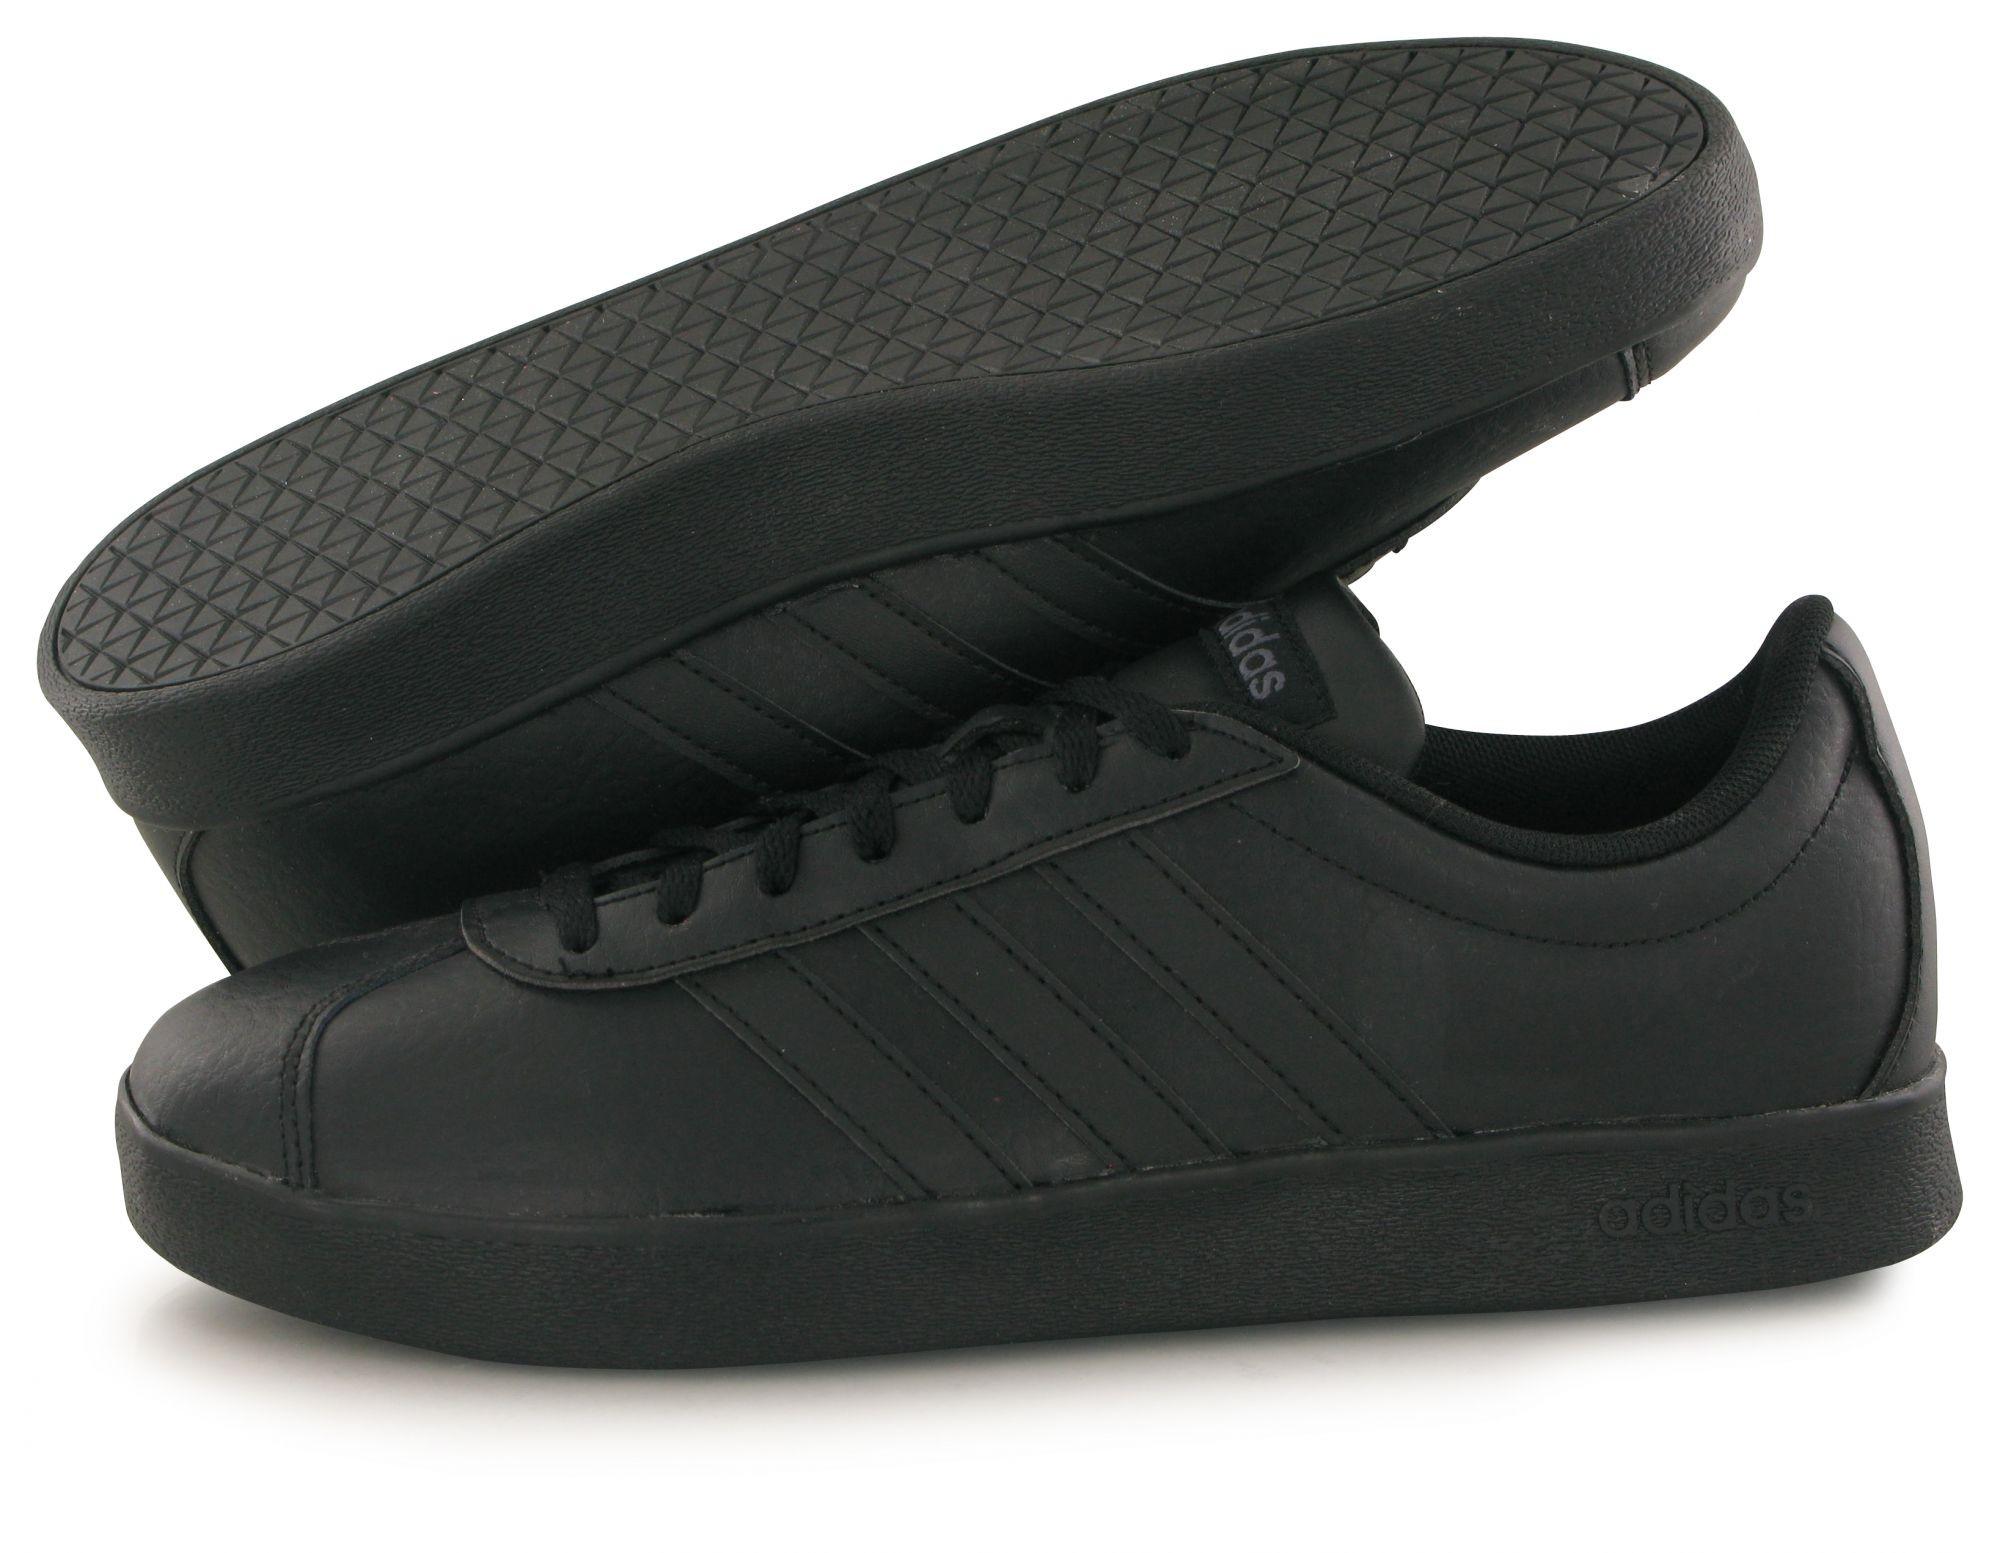 finest selection a556f ee9e7 Adidas Scarpe Sneakers Sportive Ginnastica Nero vl court 2.0 gazelle style  8 8 di 8 Vedi Altro